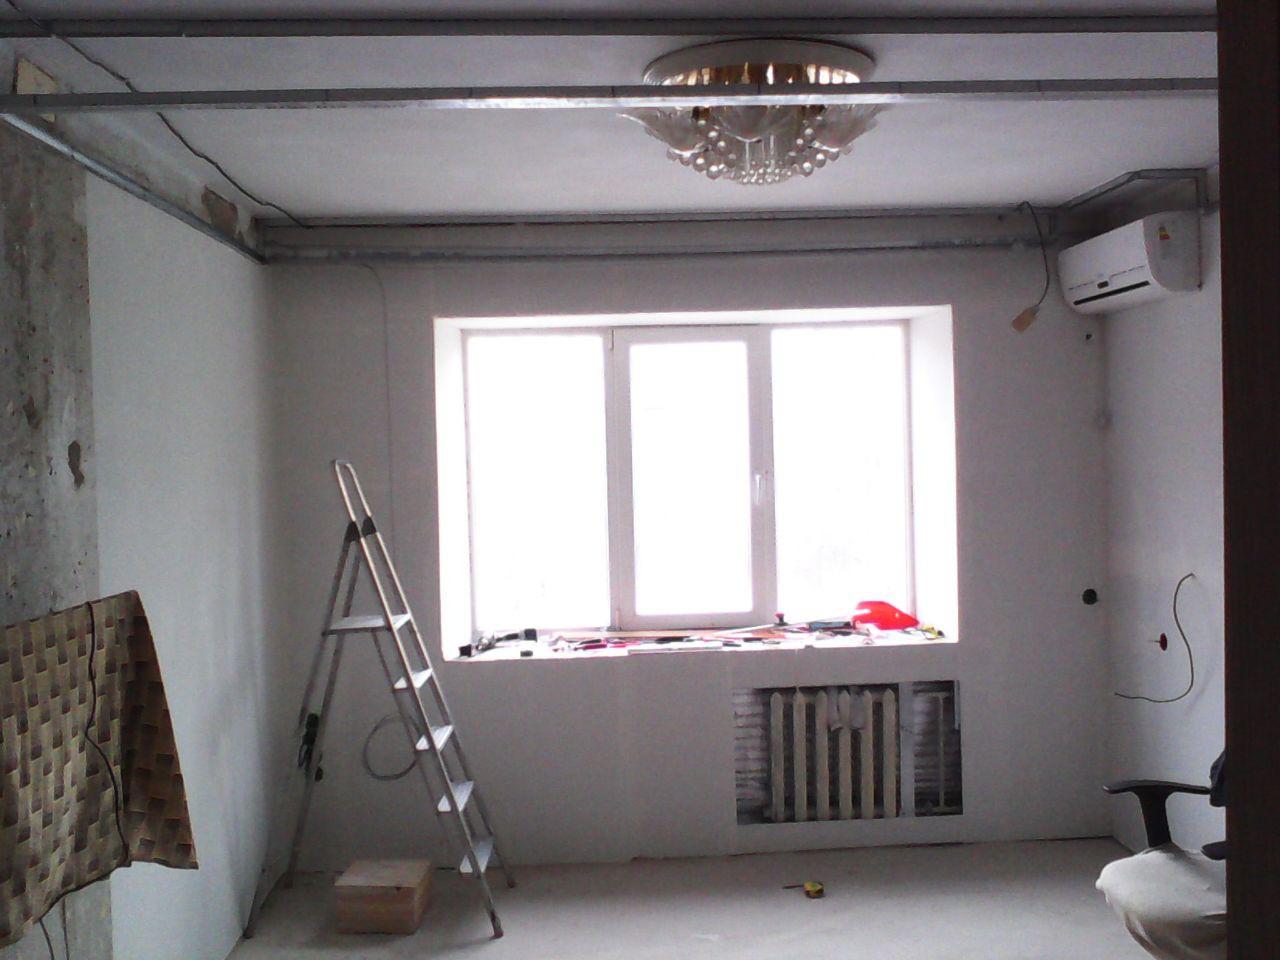 Уже наклеили рогожку, и готовим каркас под установку потолочных панелей. ремонт, рукожопие, японский стиль